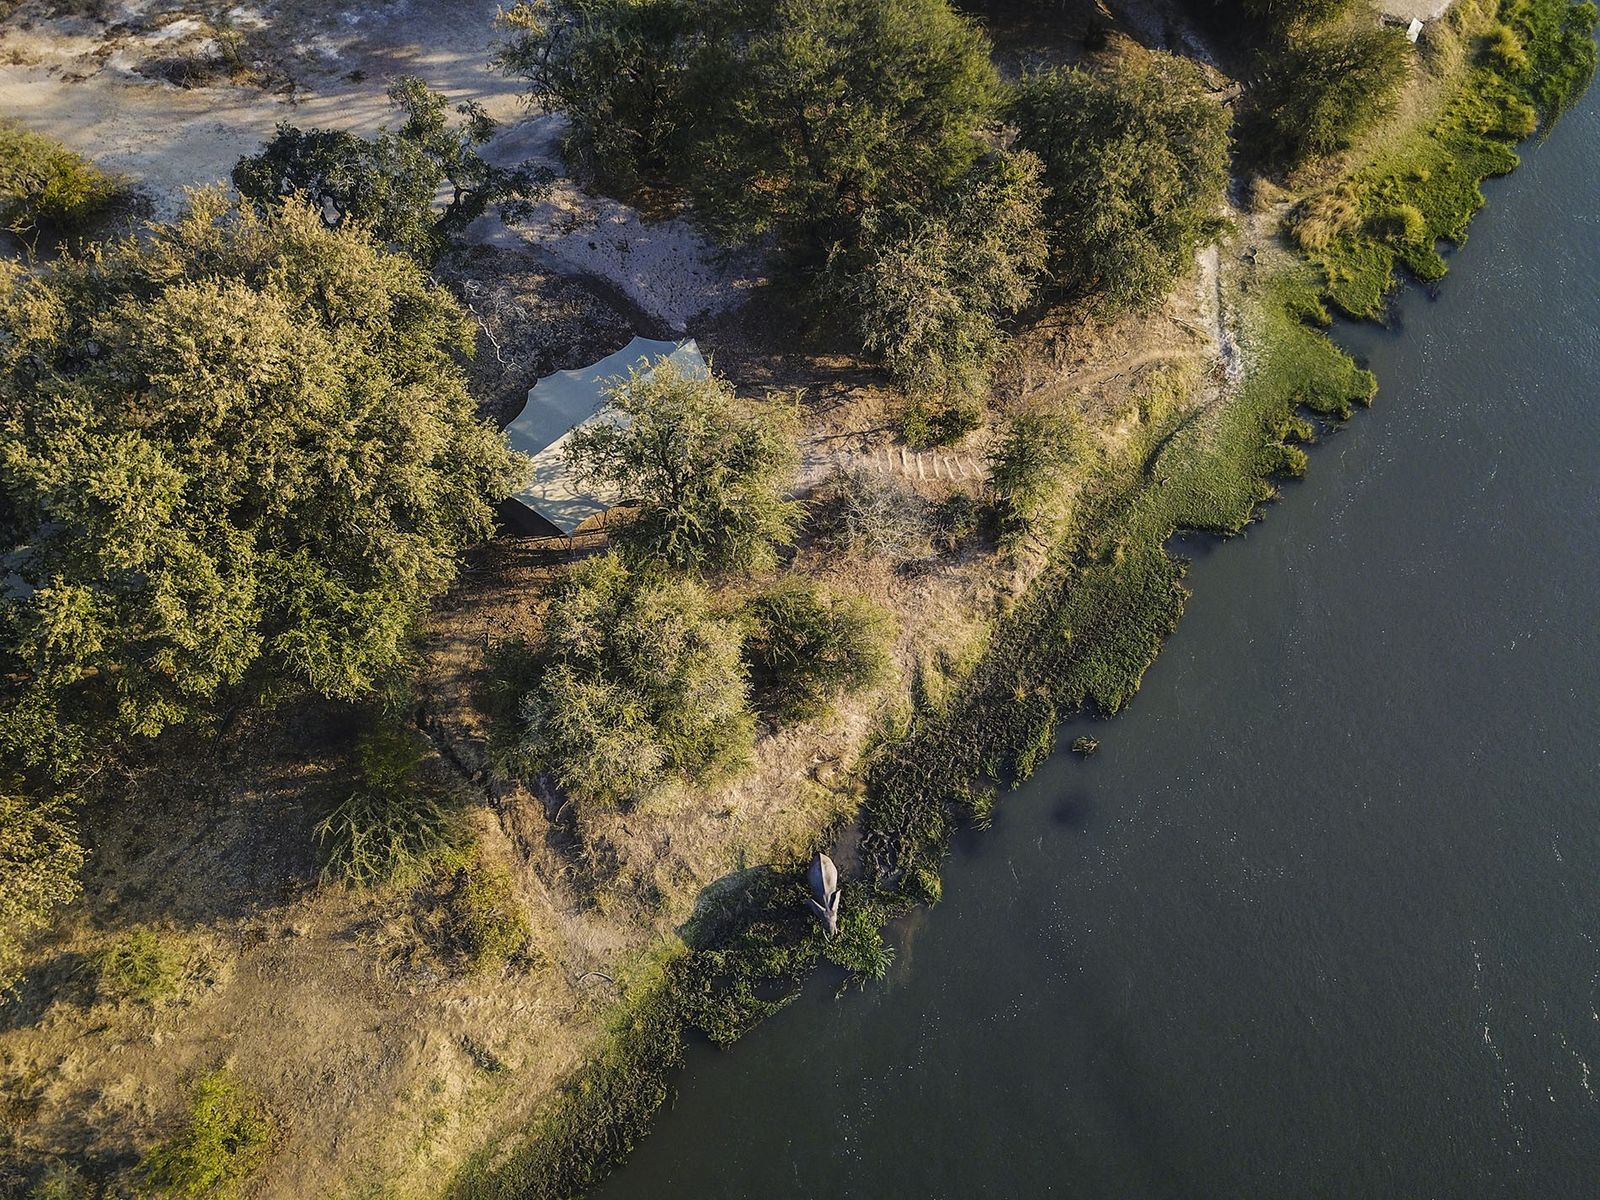 Zambezi, Chikwenya Camp